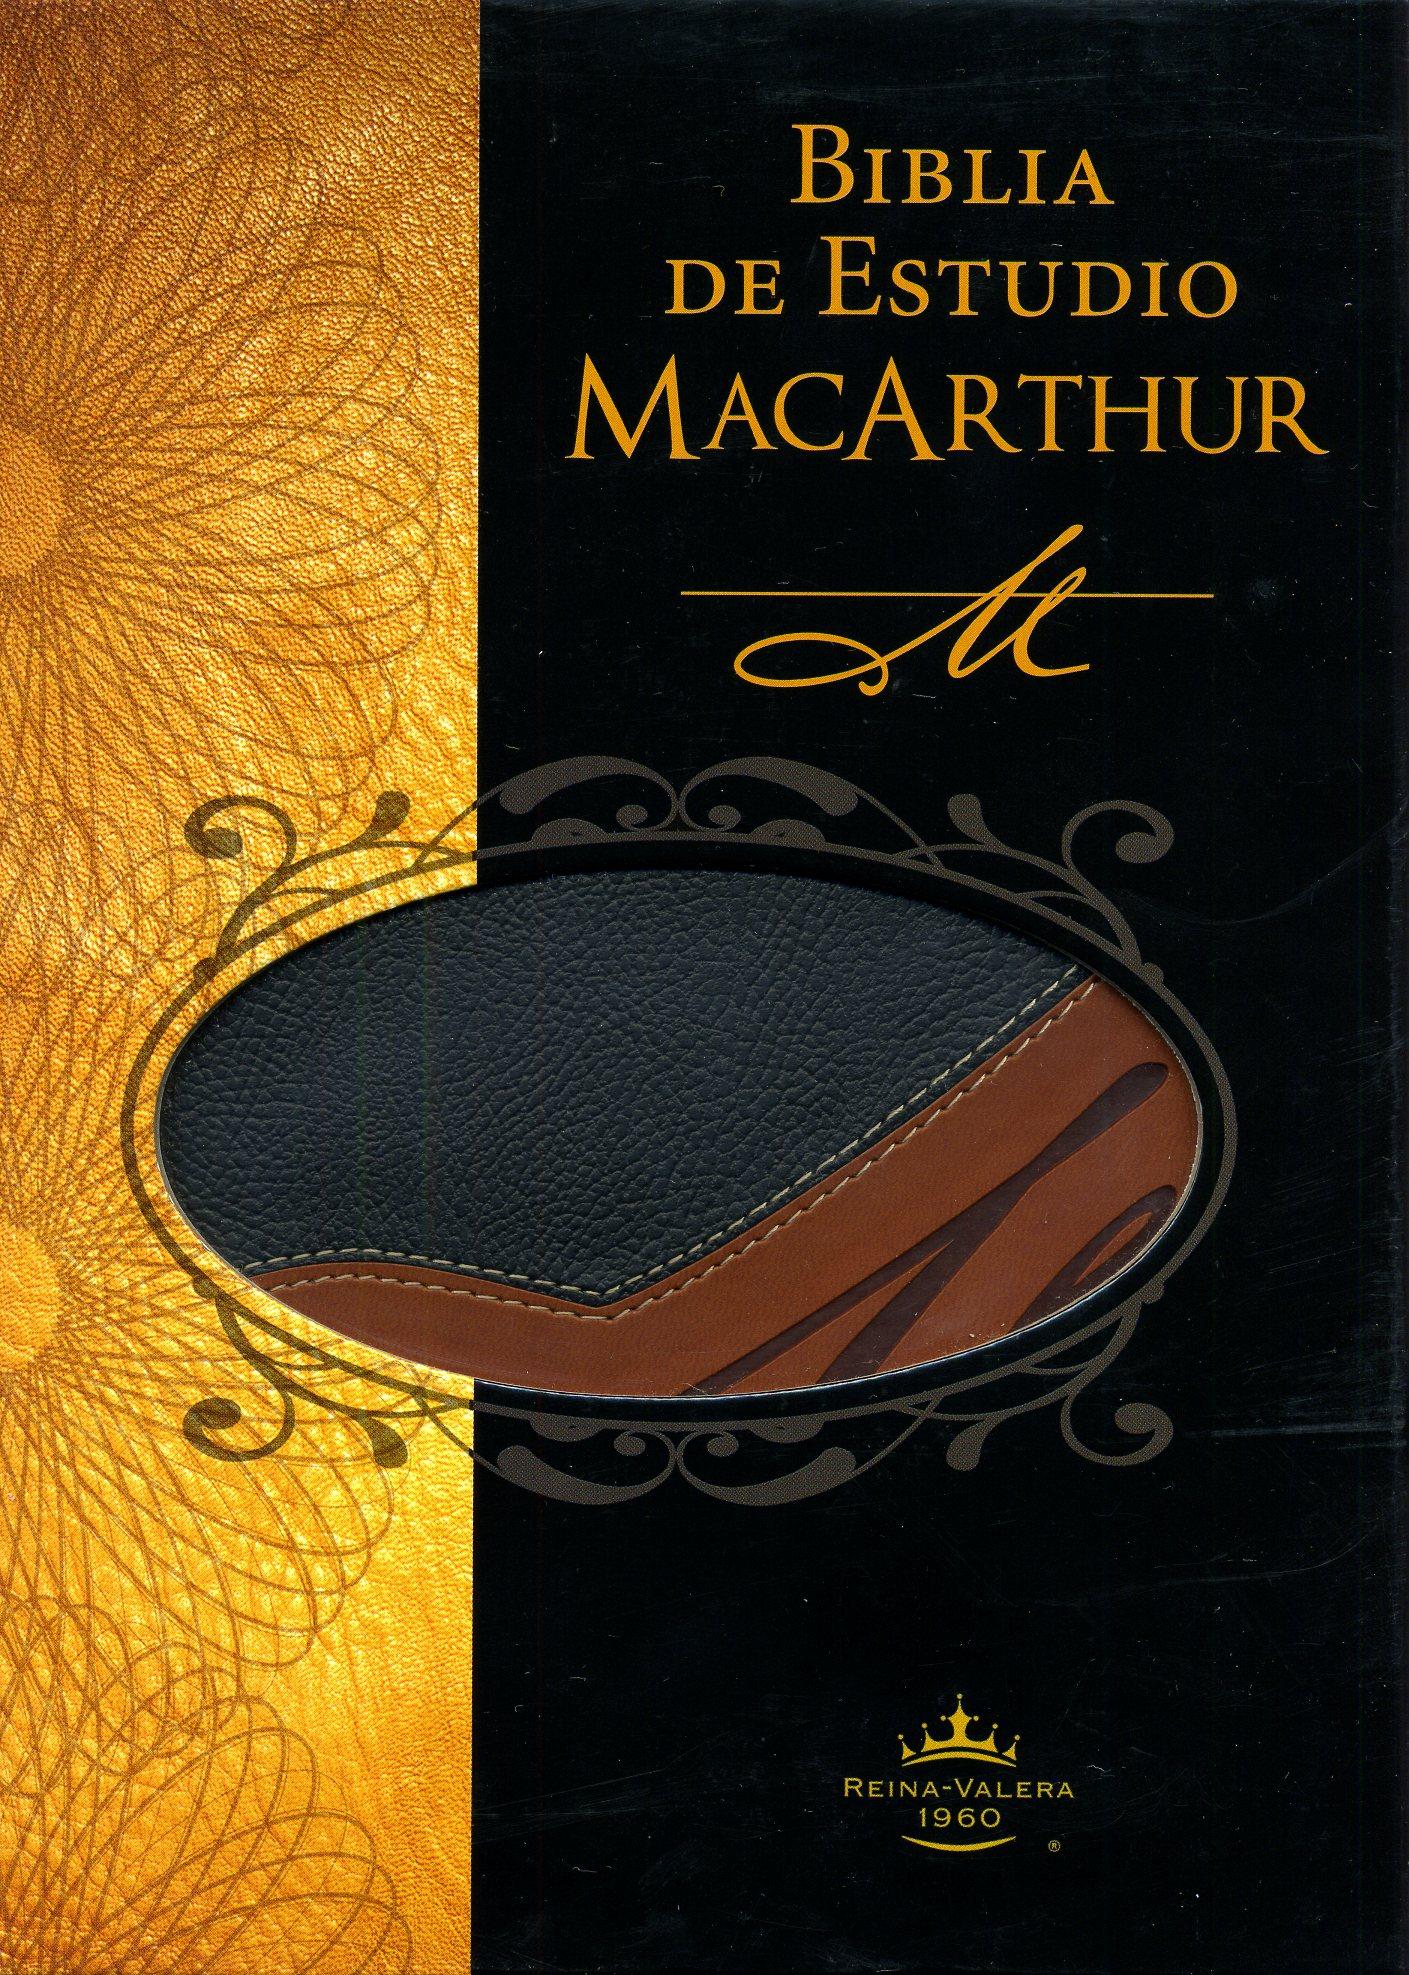 Biblia Estudio MacArthur Piel Dos Tonos